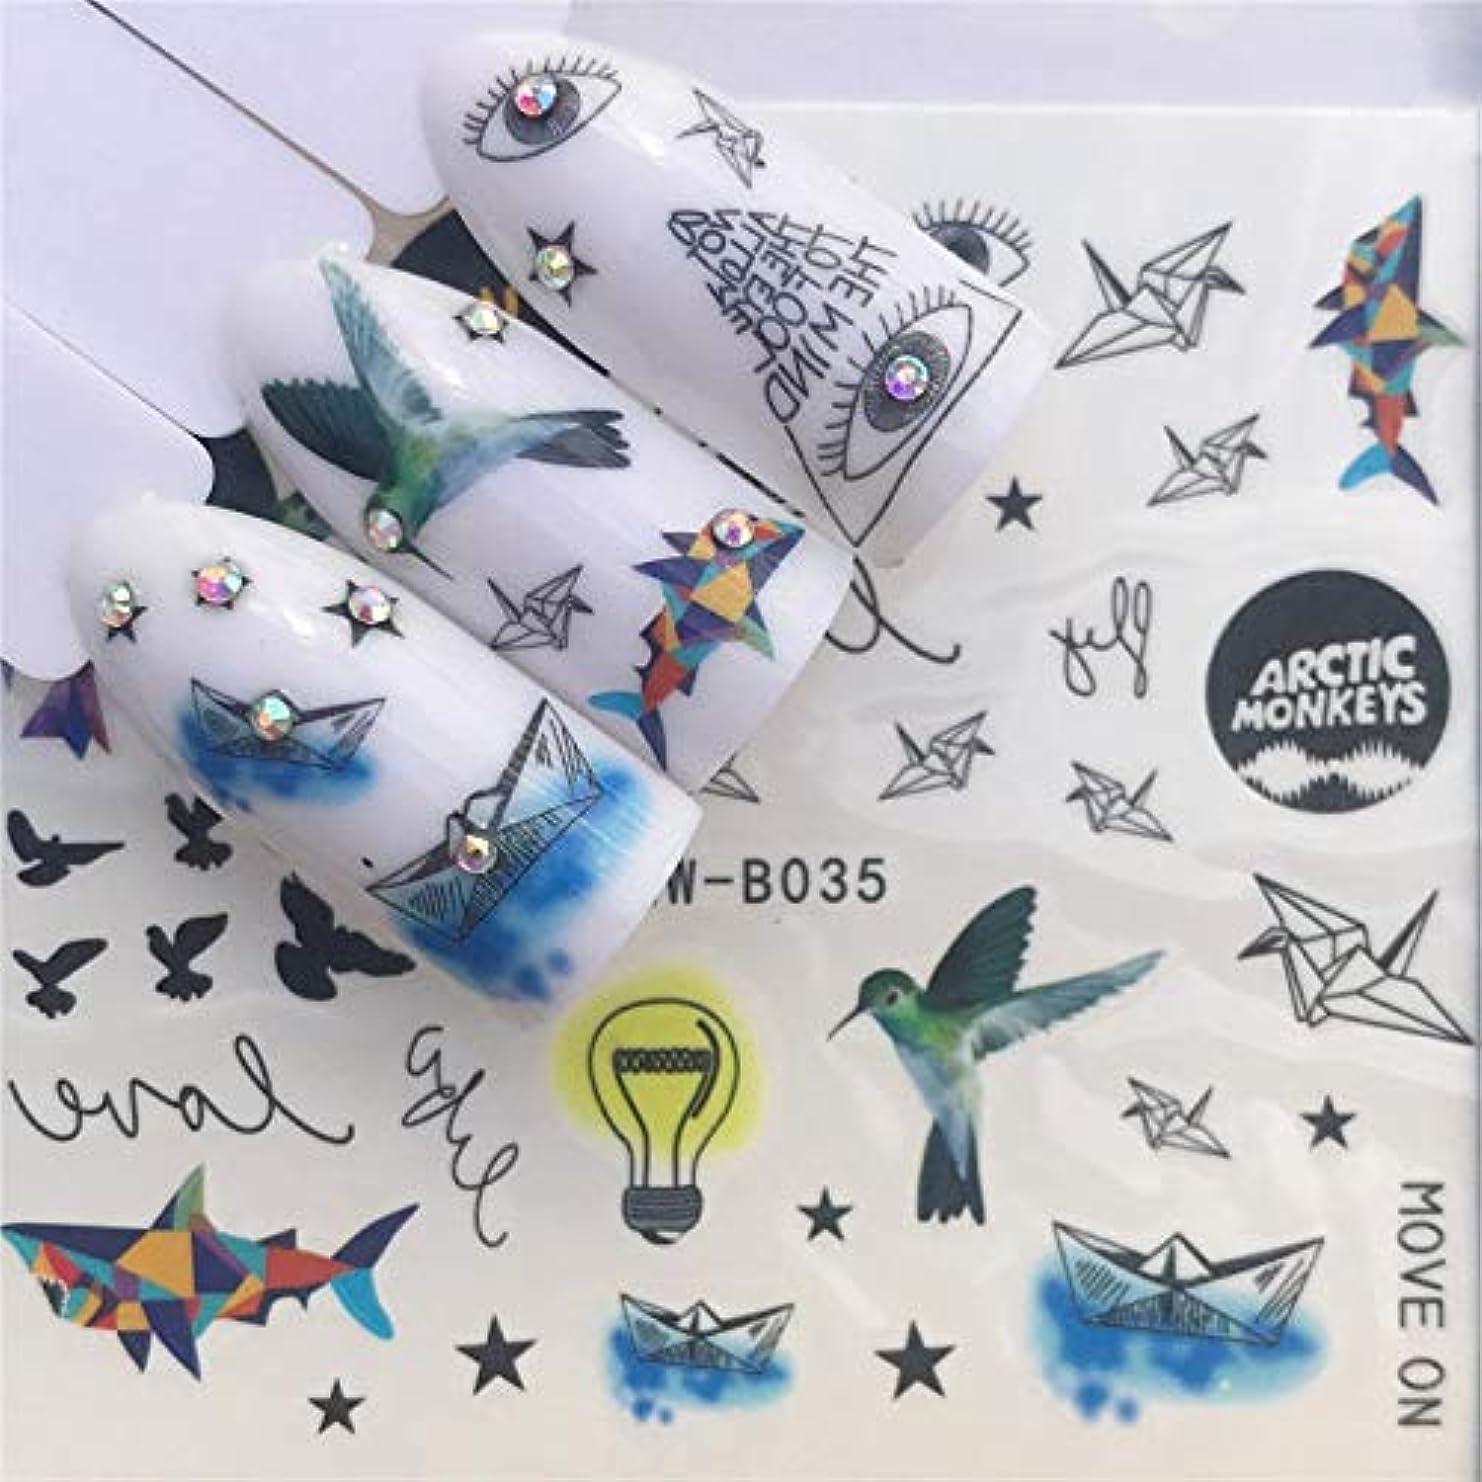 七面鳥五MEI1JIA CELINEZL 3ピースネイルステッカーセットデカールウォータースライダースライダーネイルアートデコレーション、色:YZWB035